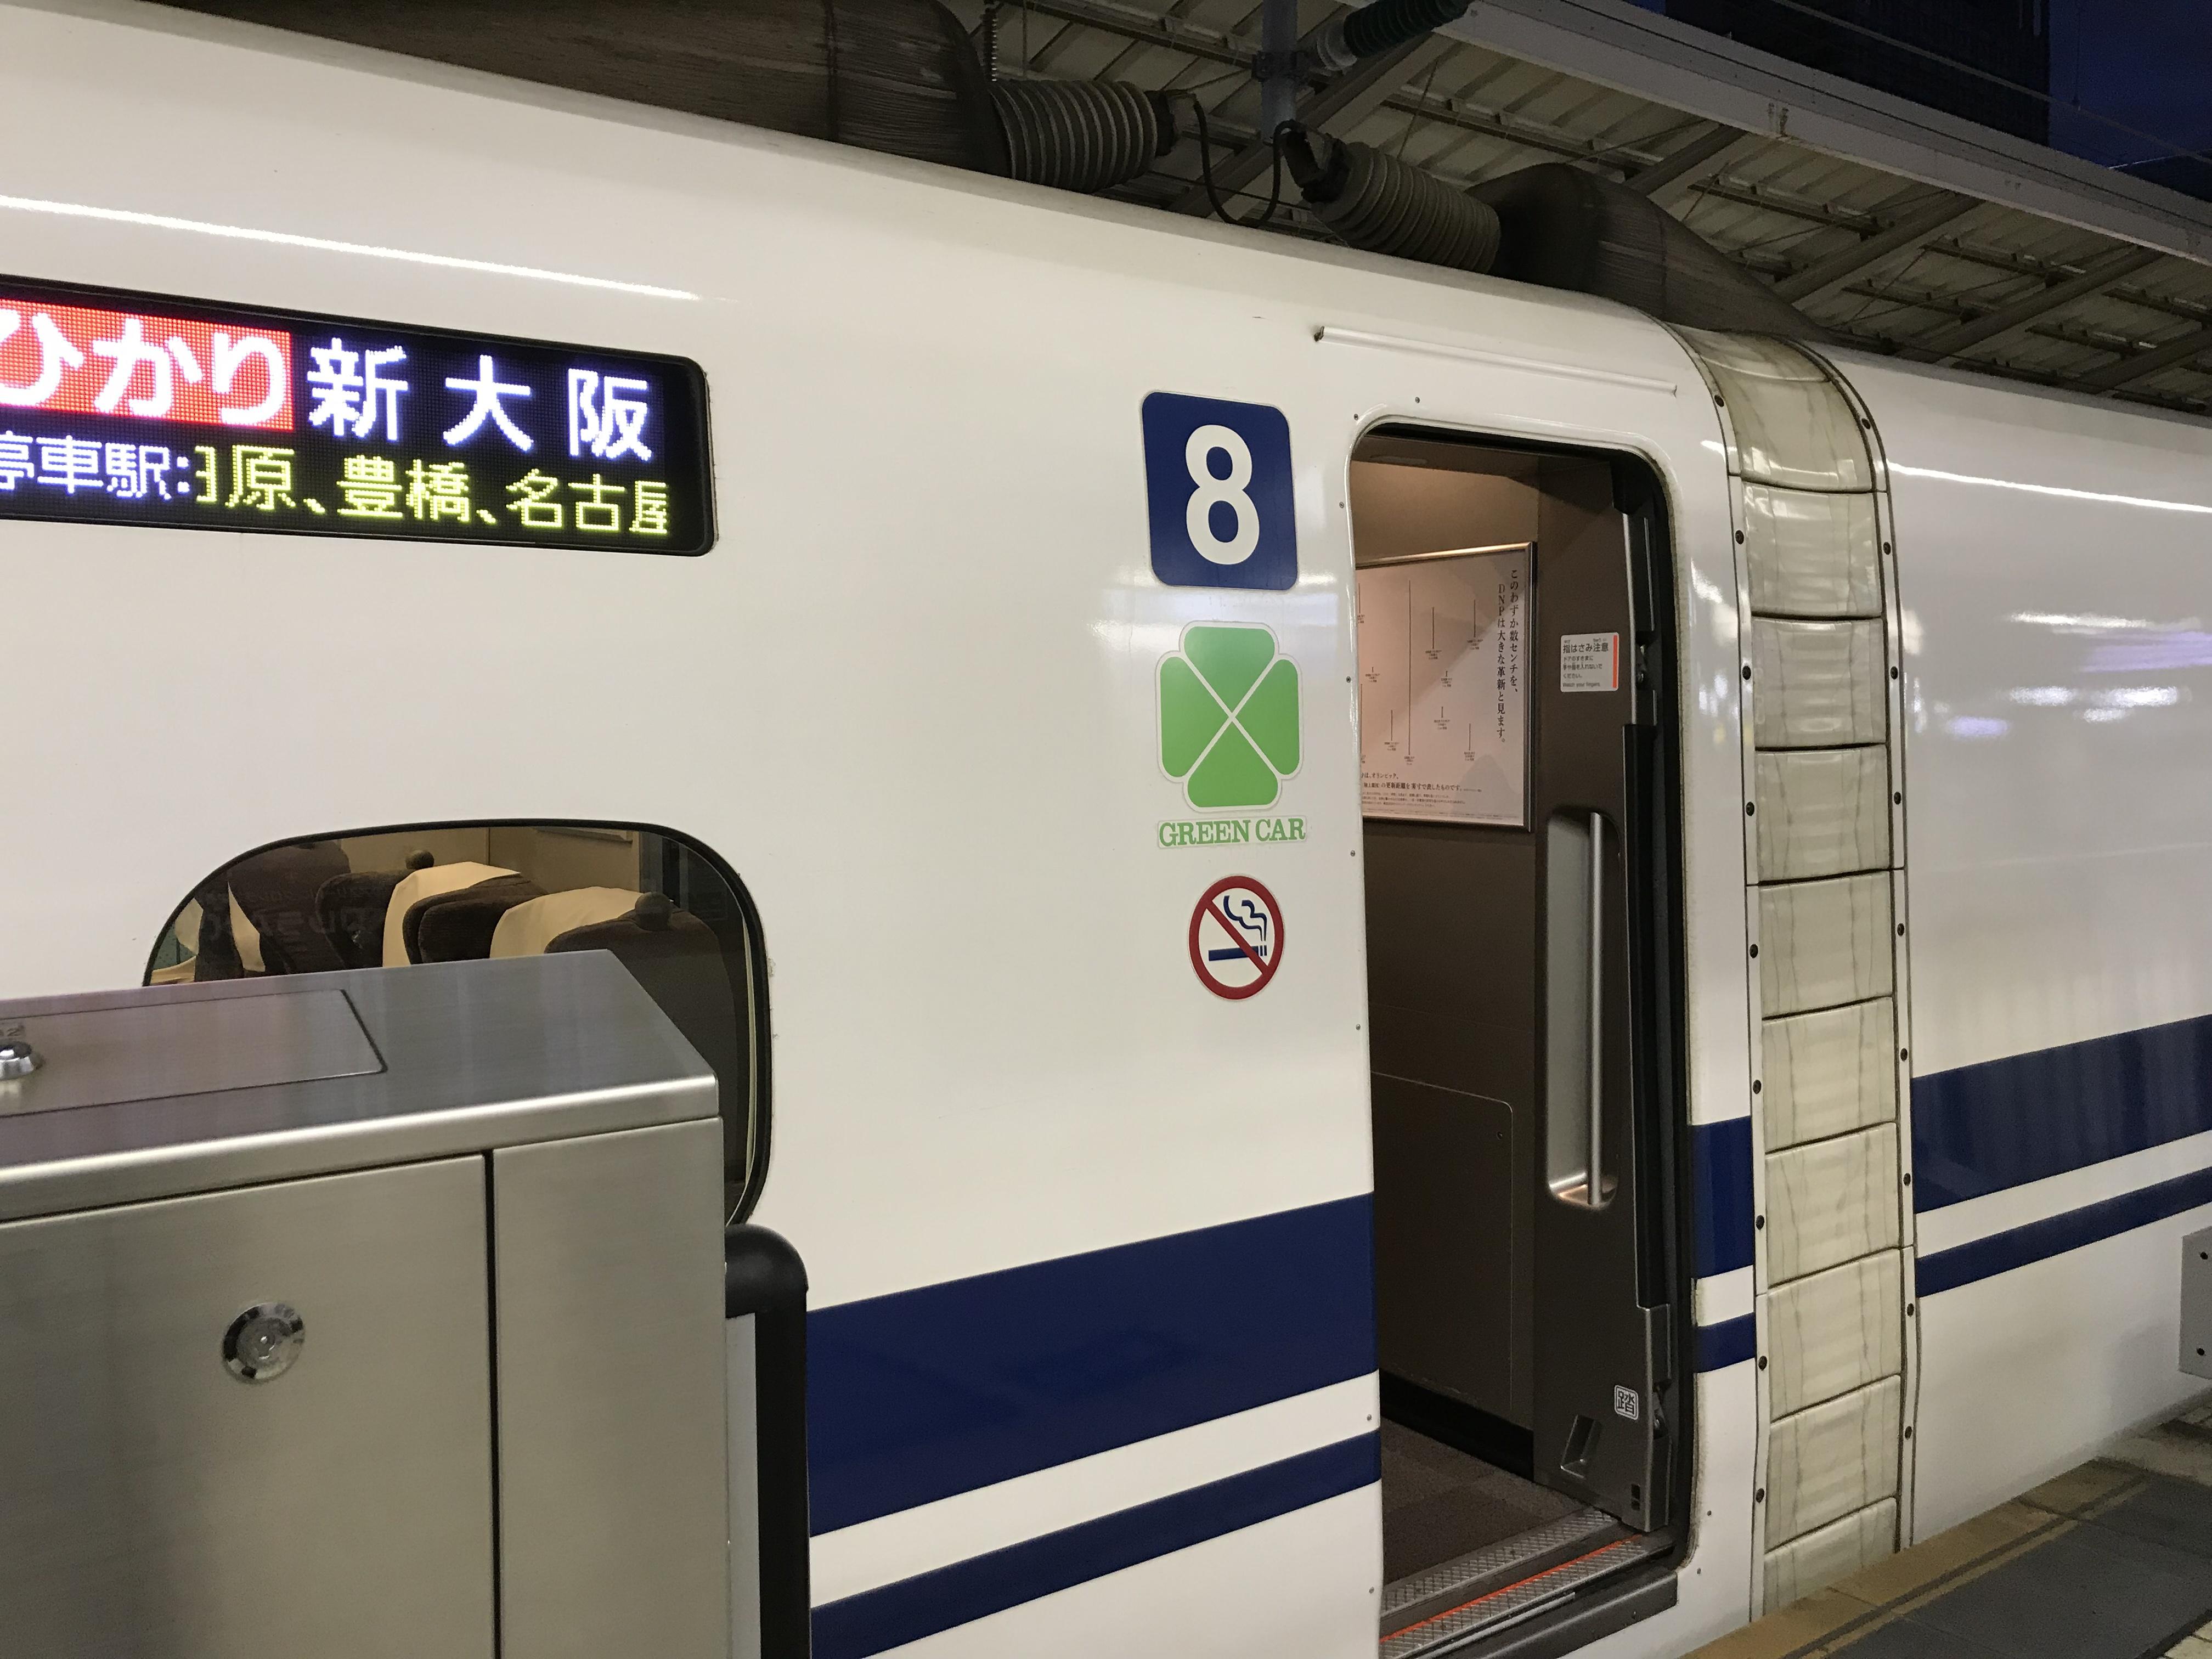 クリスマスツアー【新幹線グリーン車に+1000円で?!】